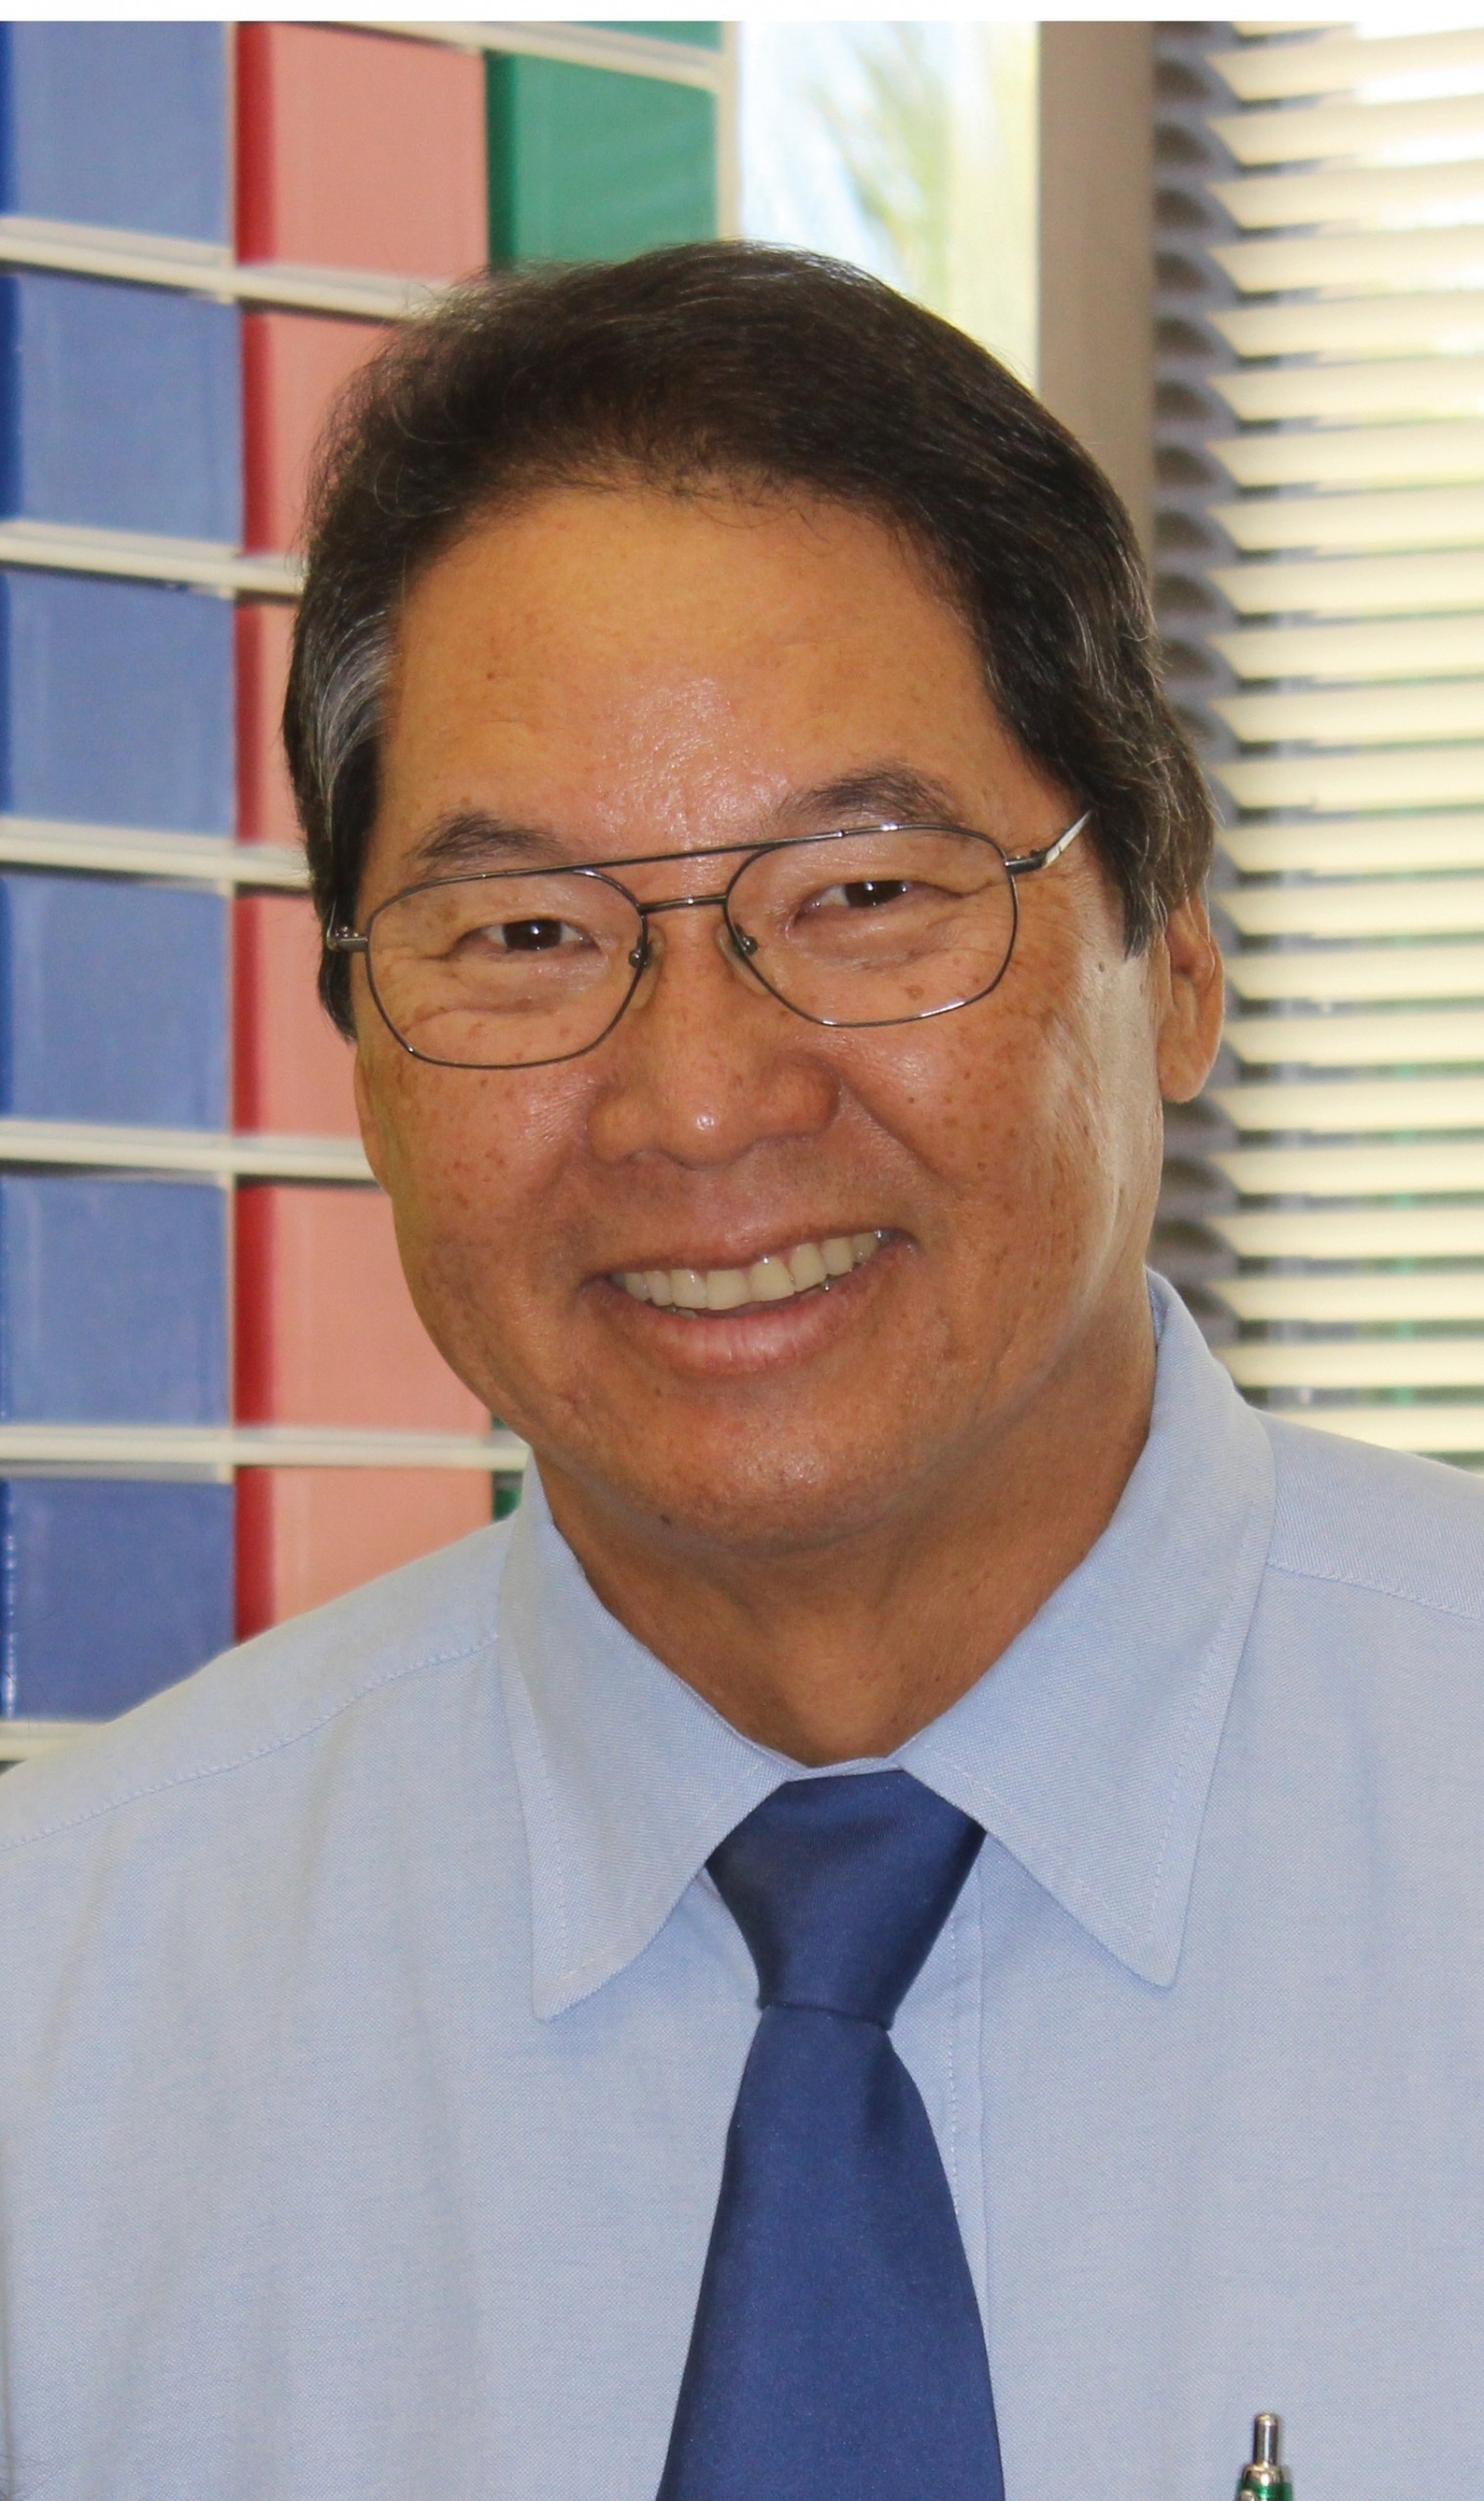 Curtis N. Kamisugi, D.D.S., M.S.D.